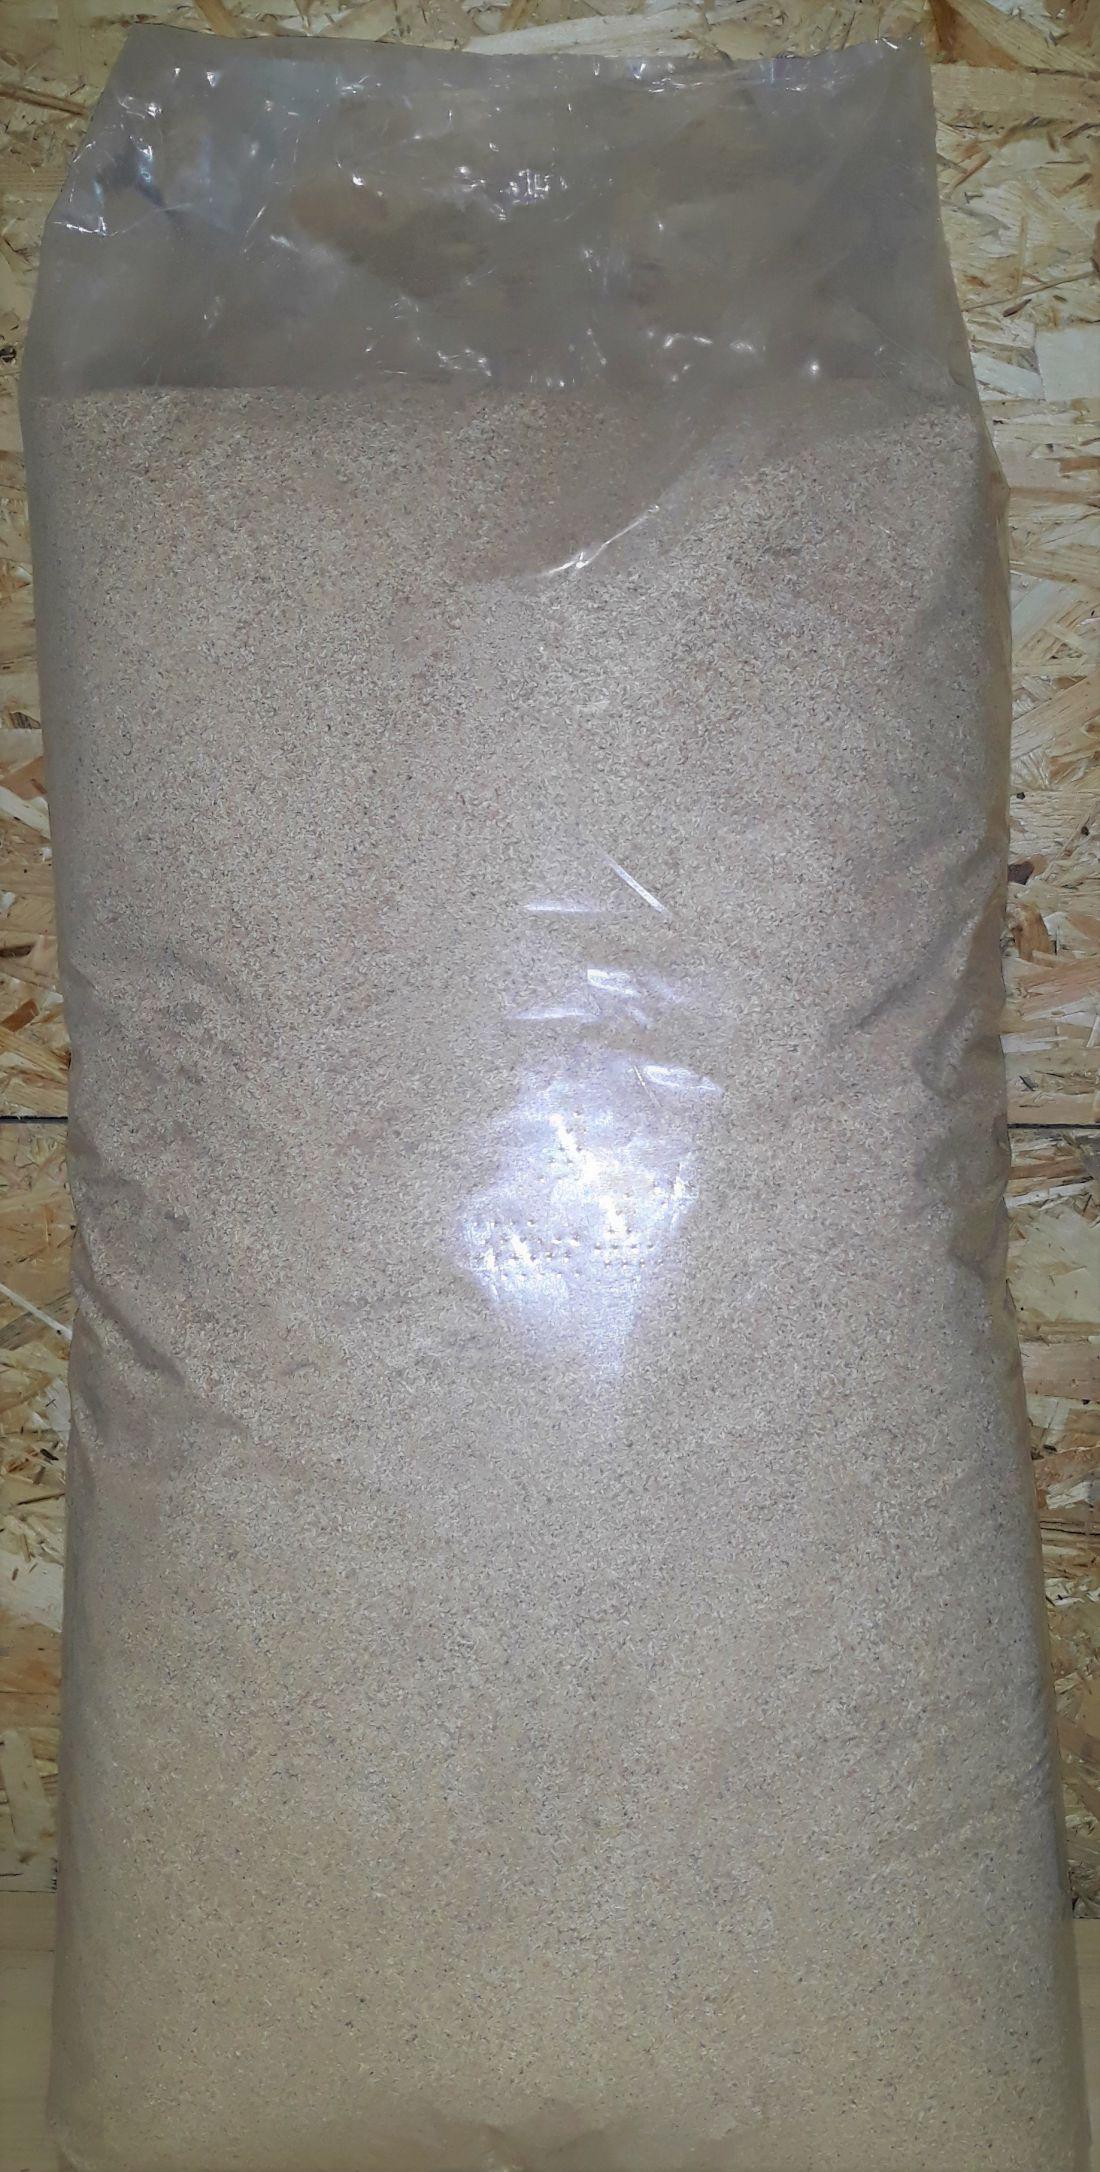 Német bükkfa apríték 0,7-2 mm hideg/meleg füstöléshez fűrészpor - 15 kg